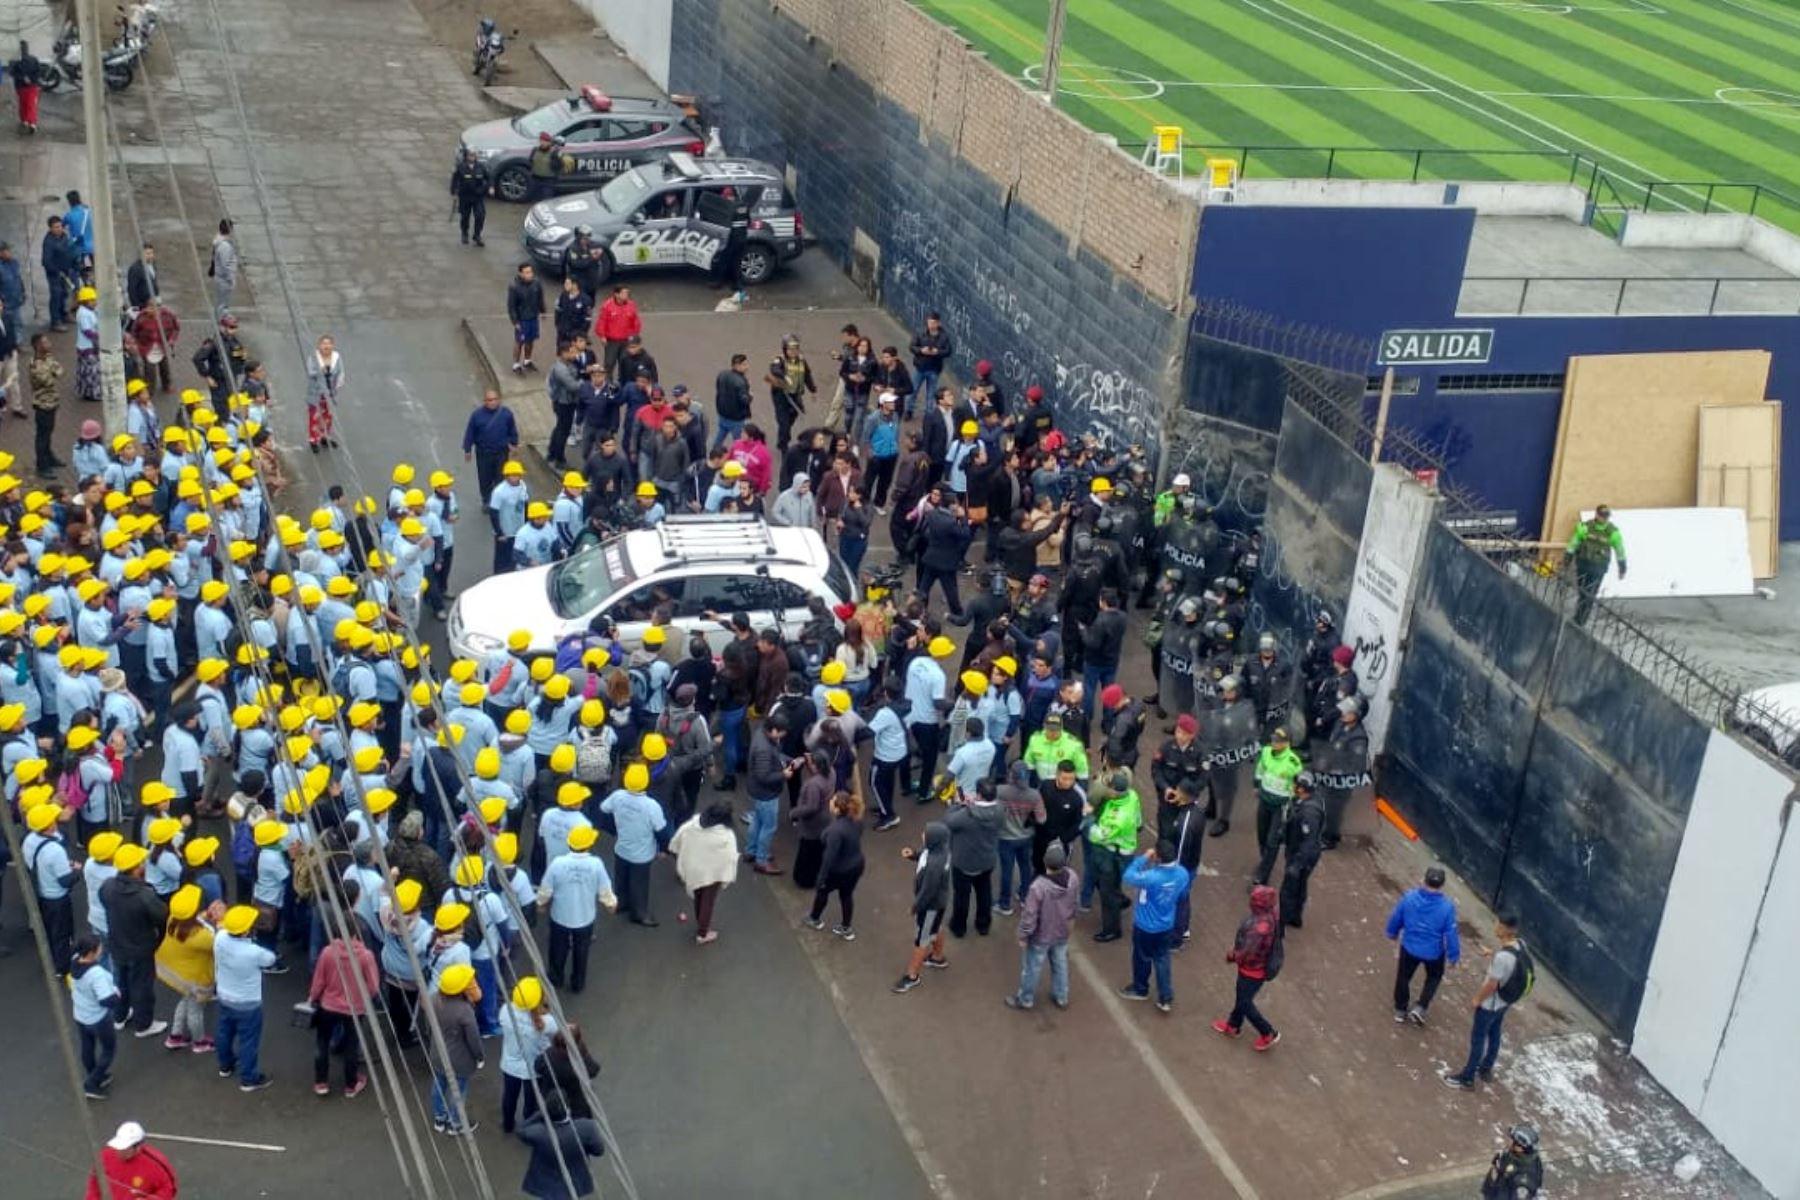 Evangélicos irrumpieron en el estadio Matute vestidos con camisetas celestes y cascos amarillos. Foto: ANDINA/Norman Córdova